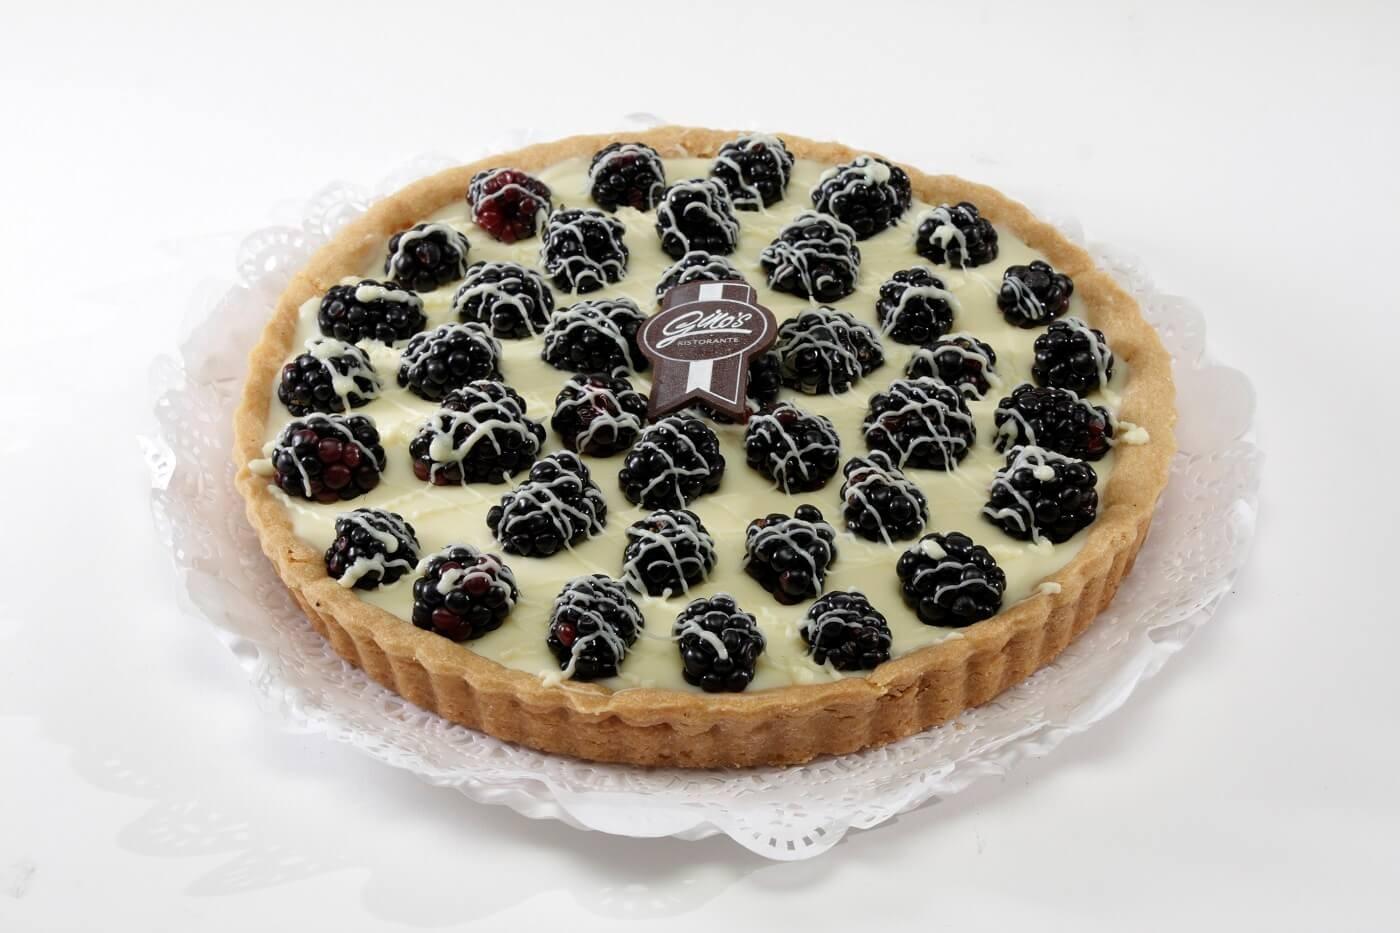 tarta-de-zarzamora-ginos-brownie-pasteles-fiestas-bautizos-baby-shower-dulces